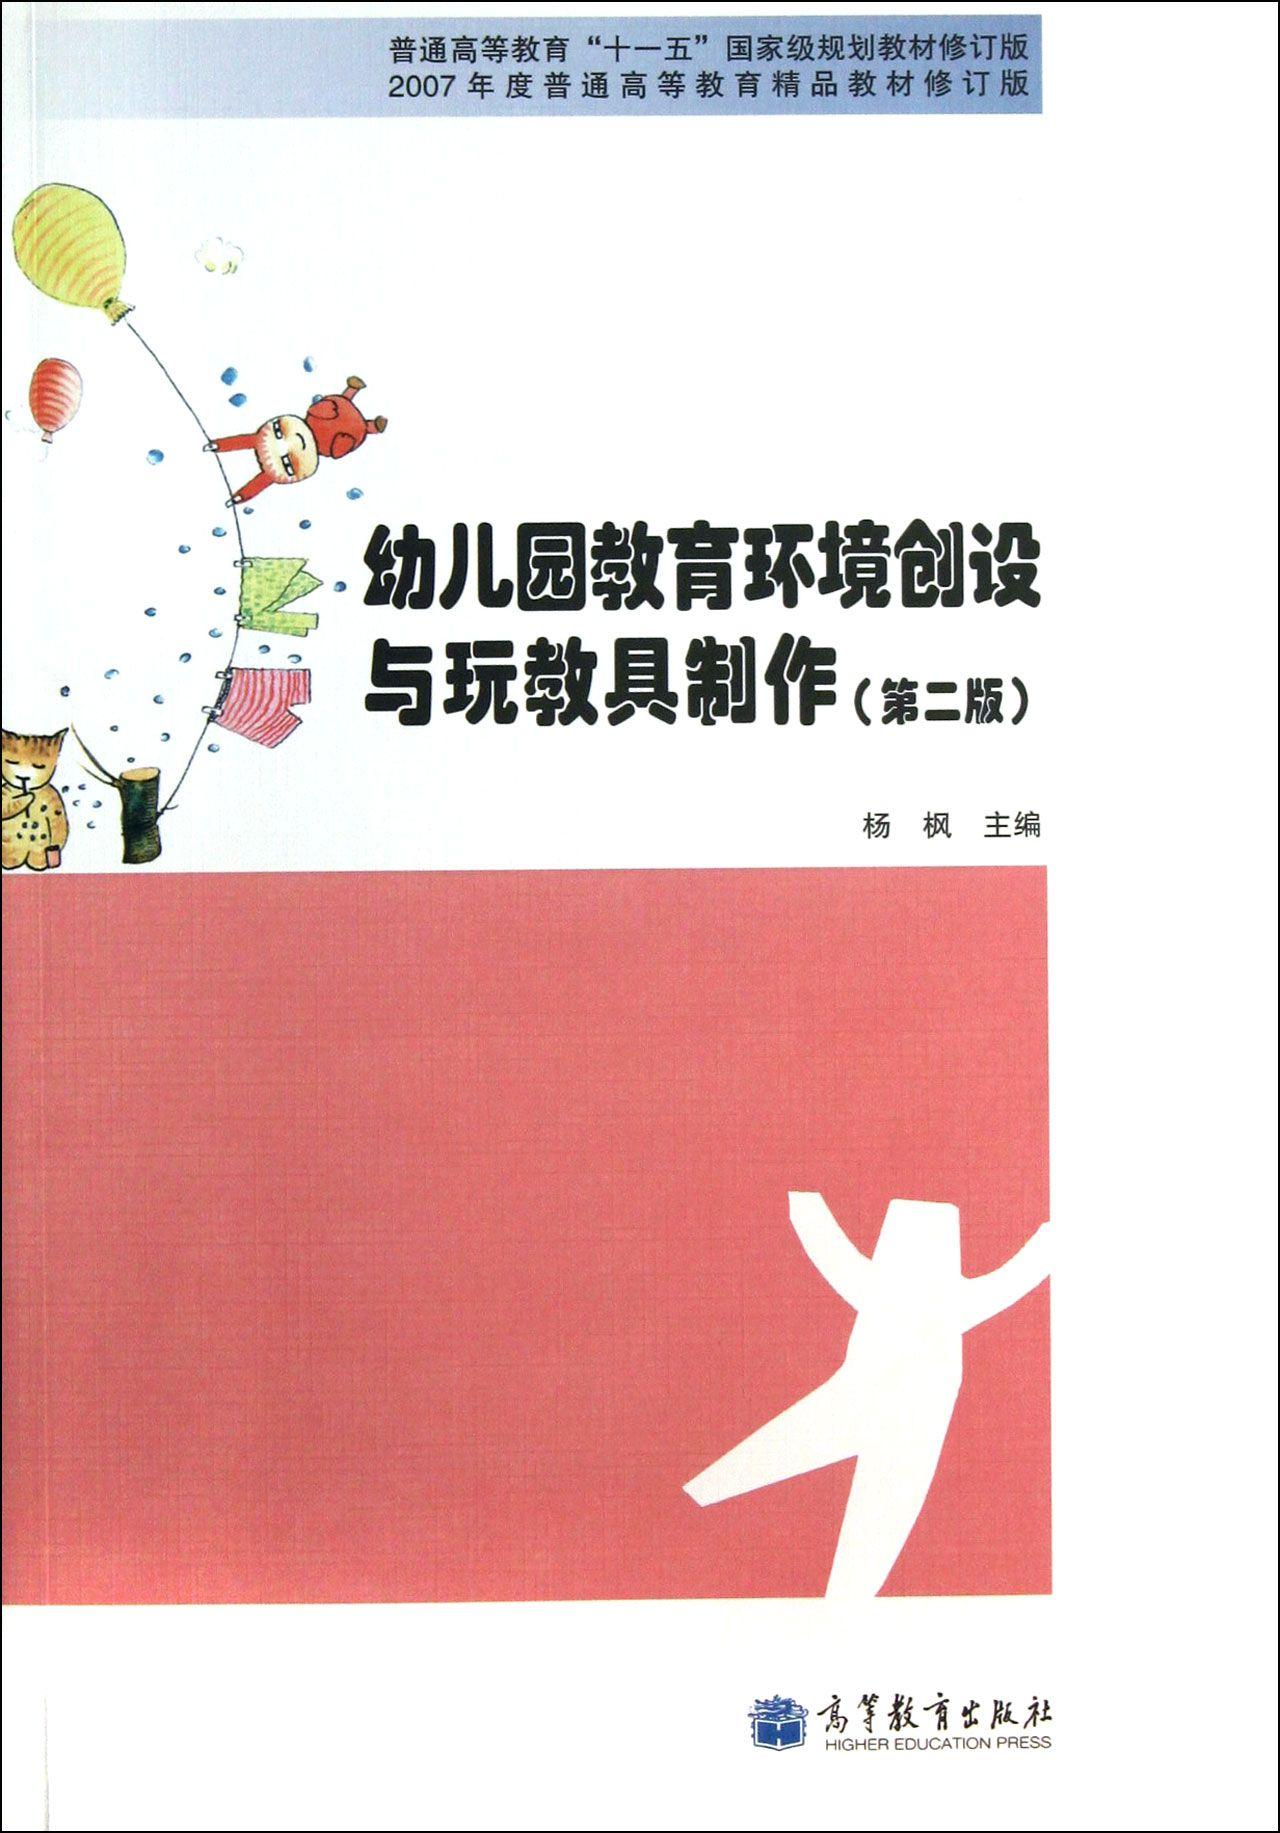 幼儿园教育环境创设与玩教具制作(附光盘